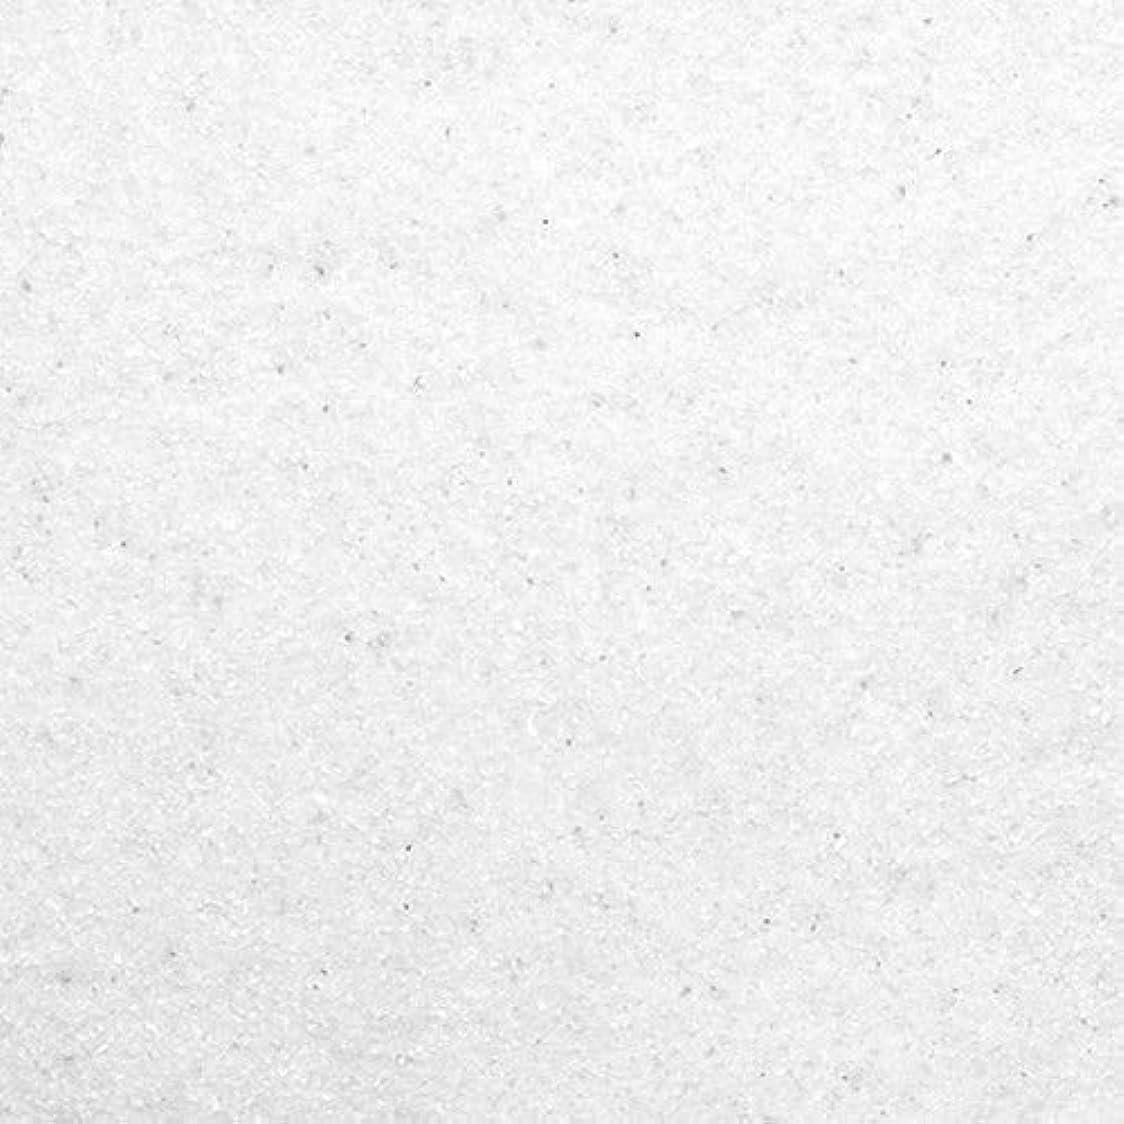 フロンティア子羊宙返り16ozホワイトバルクカラー樹脂Incense Burner熱吸収/ Decorating Sandアート